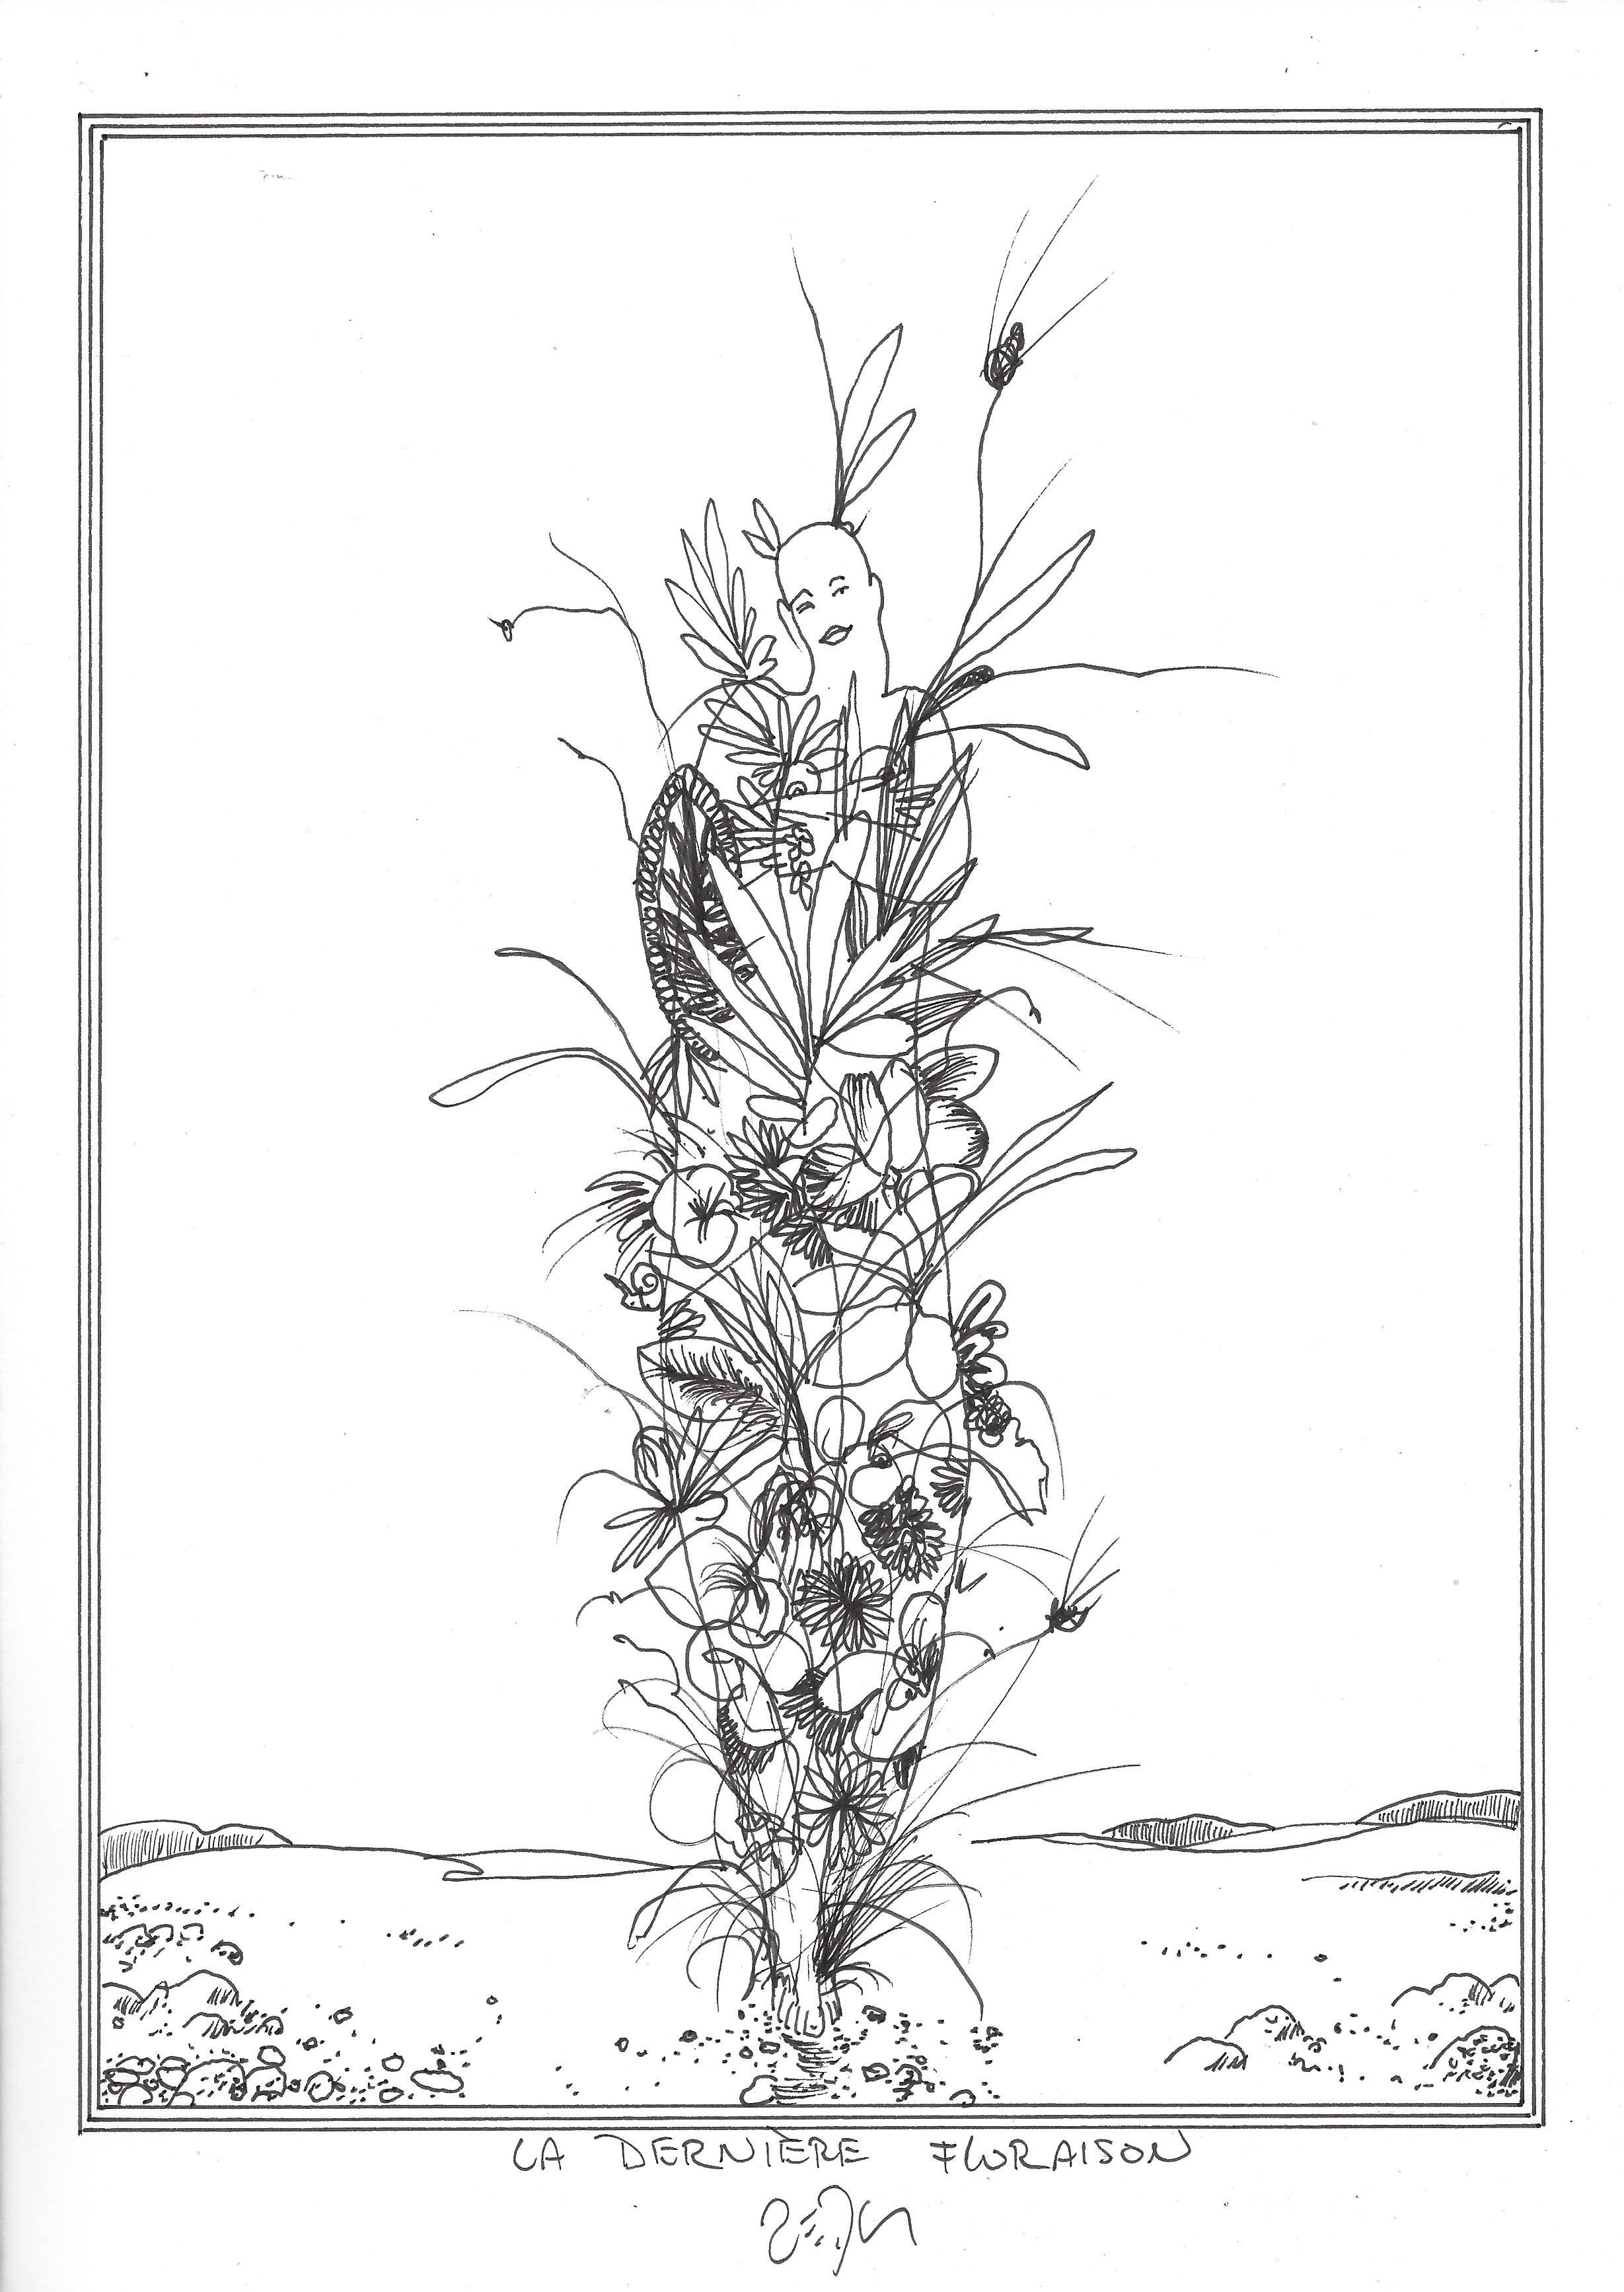 « The last flowering – La dernière floraison »